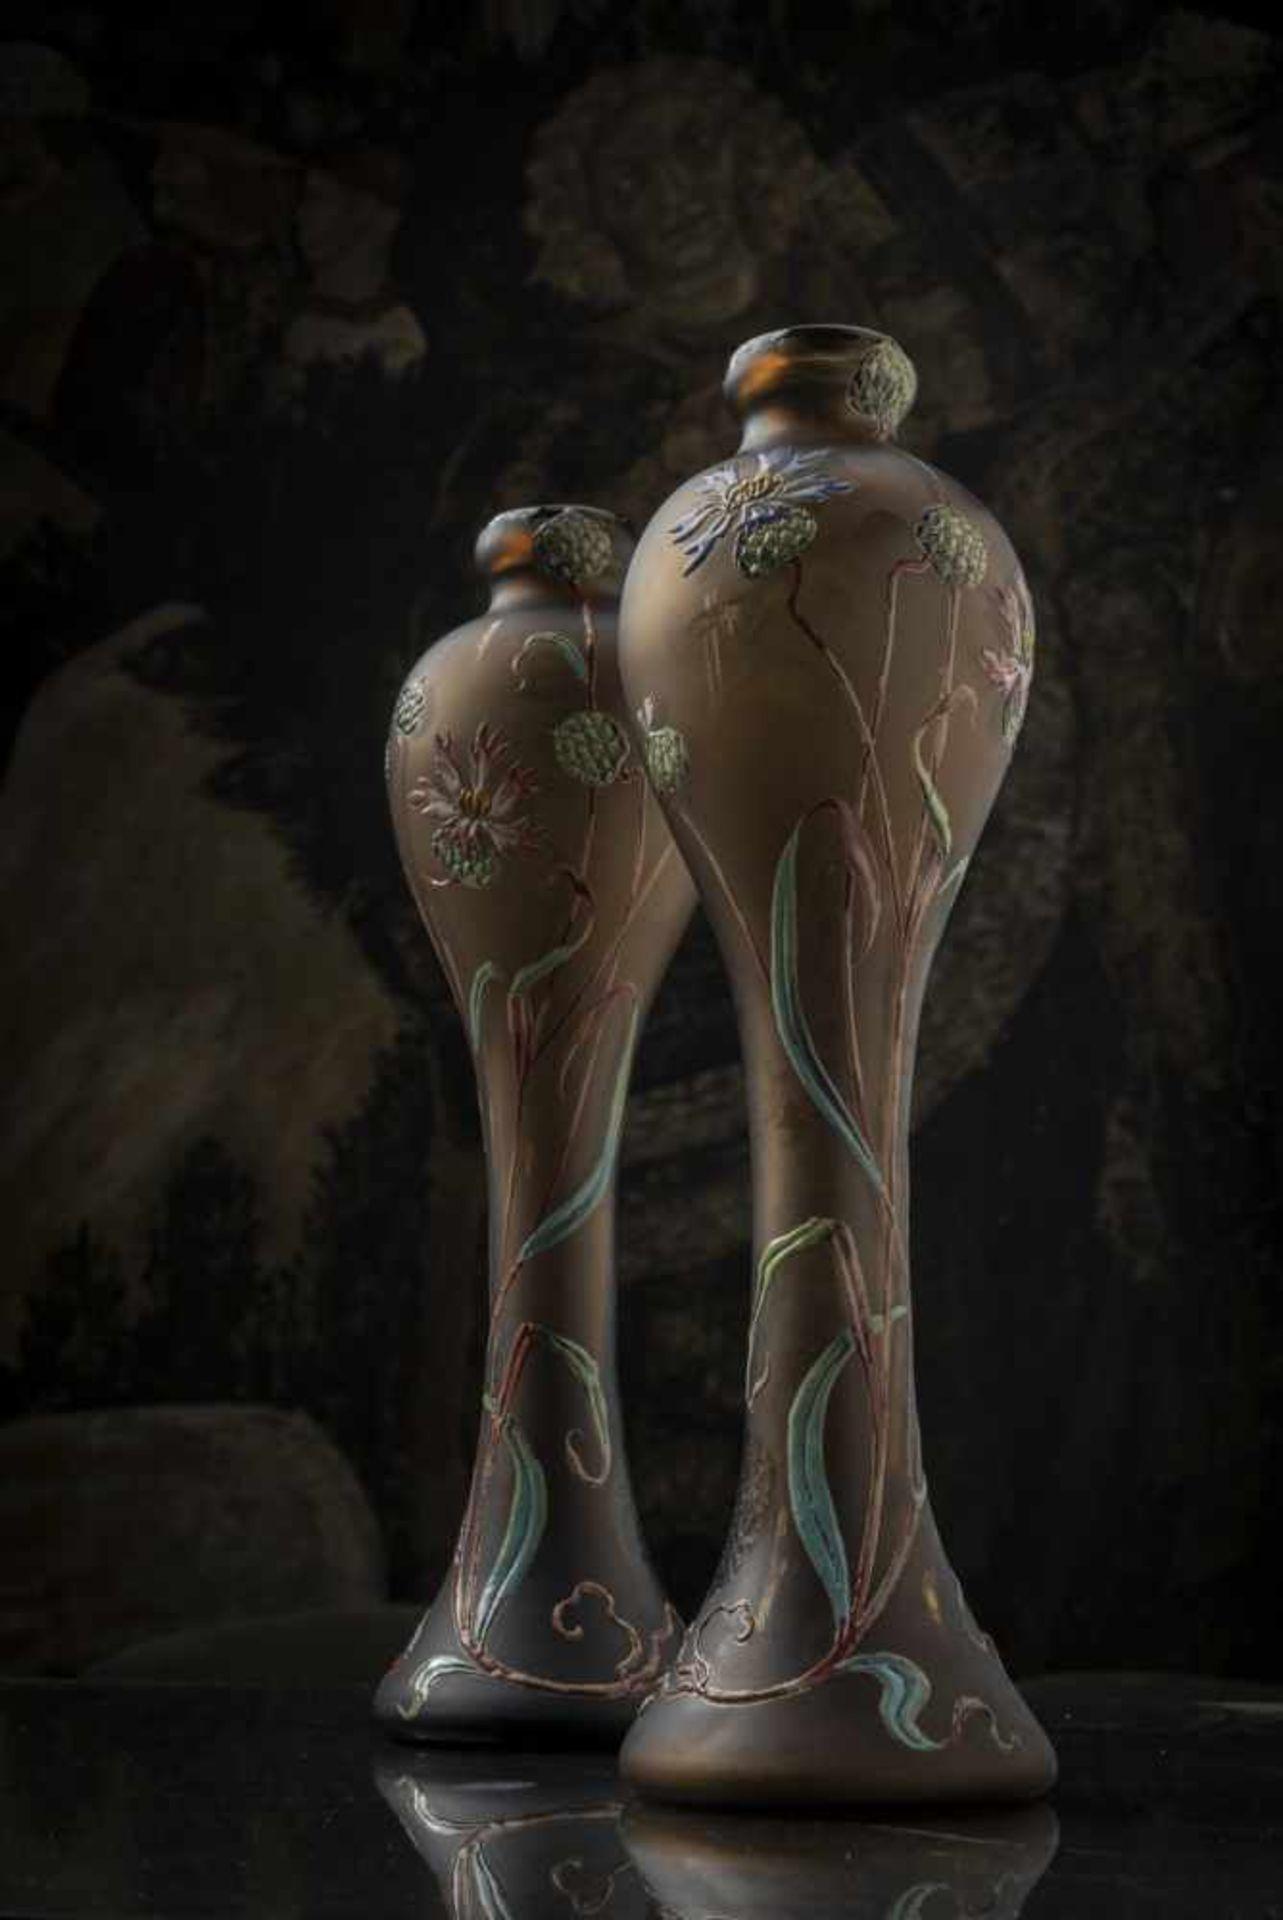 Verrerie d'Art de Lorraine, Burgun Schverer & Cie., Meisenthal, Pair of vases 'Bleuets', c. 1895- - Bild 13 aus 13